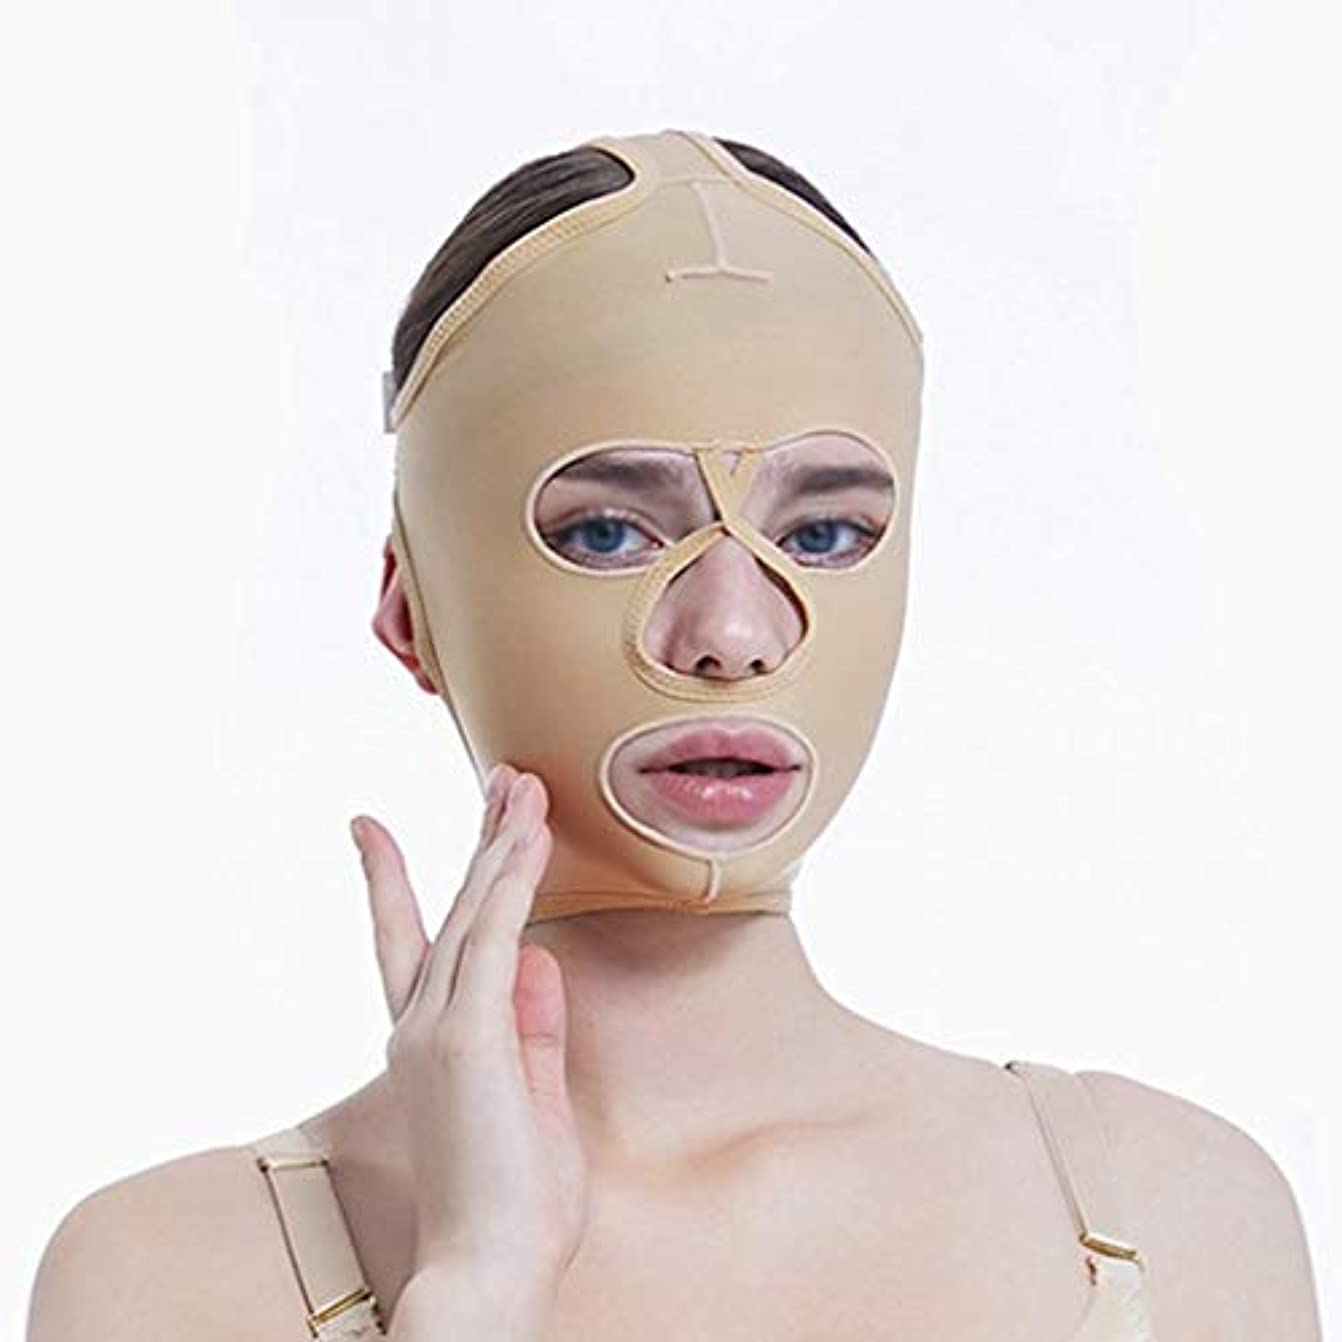 羽口実留め金チンリフティングベルト、超薄型ベルト、引き締めマスク、包帯吊り、フェイスリフティングマスク、超薄型ベルト、通気性(サイズ:L),XL